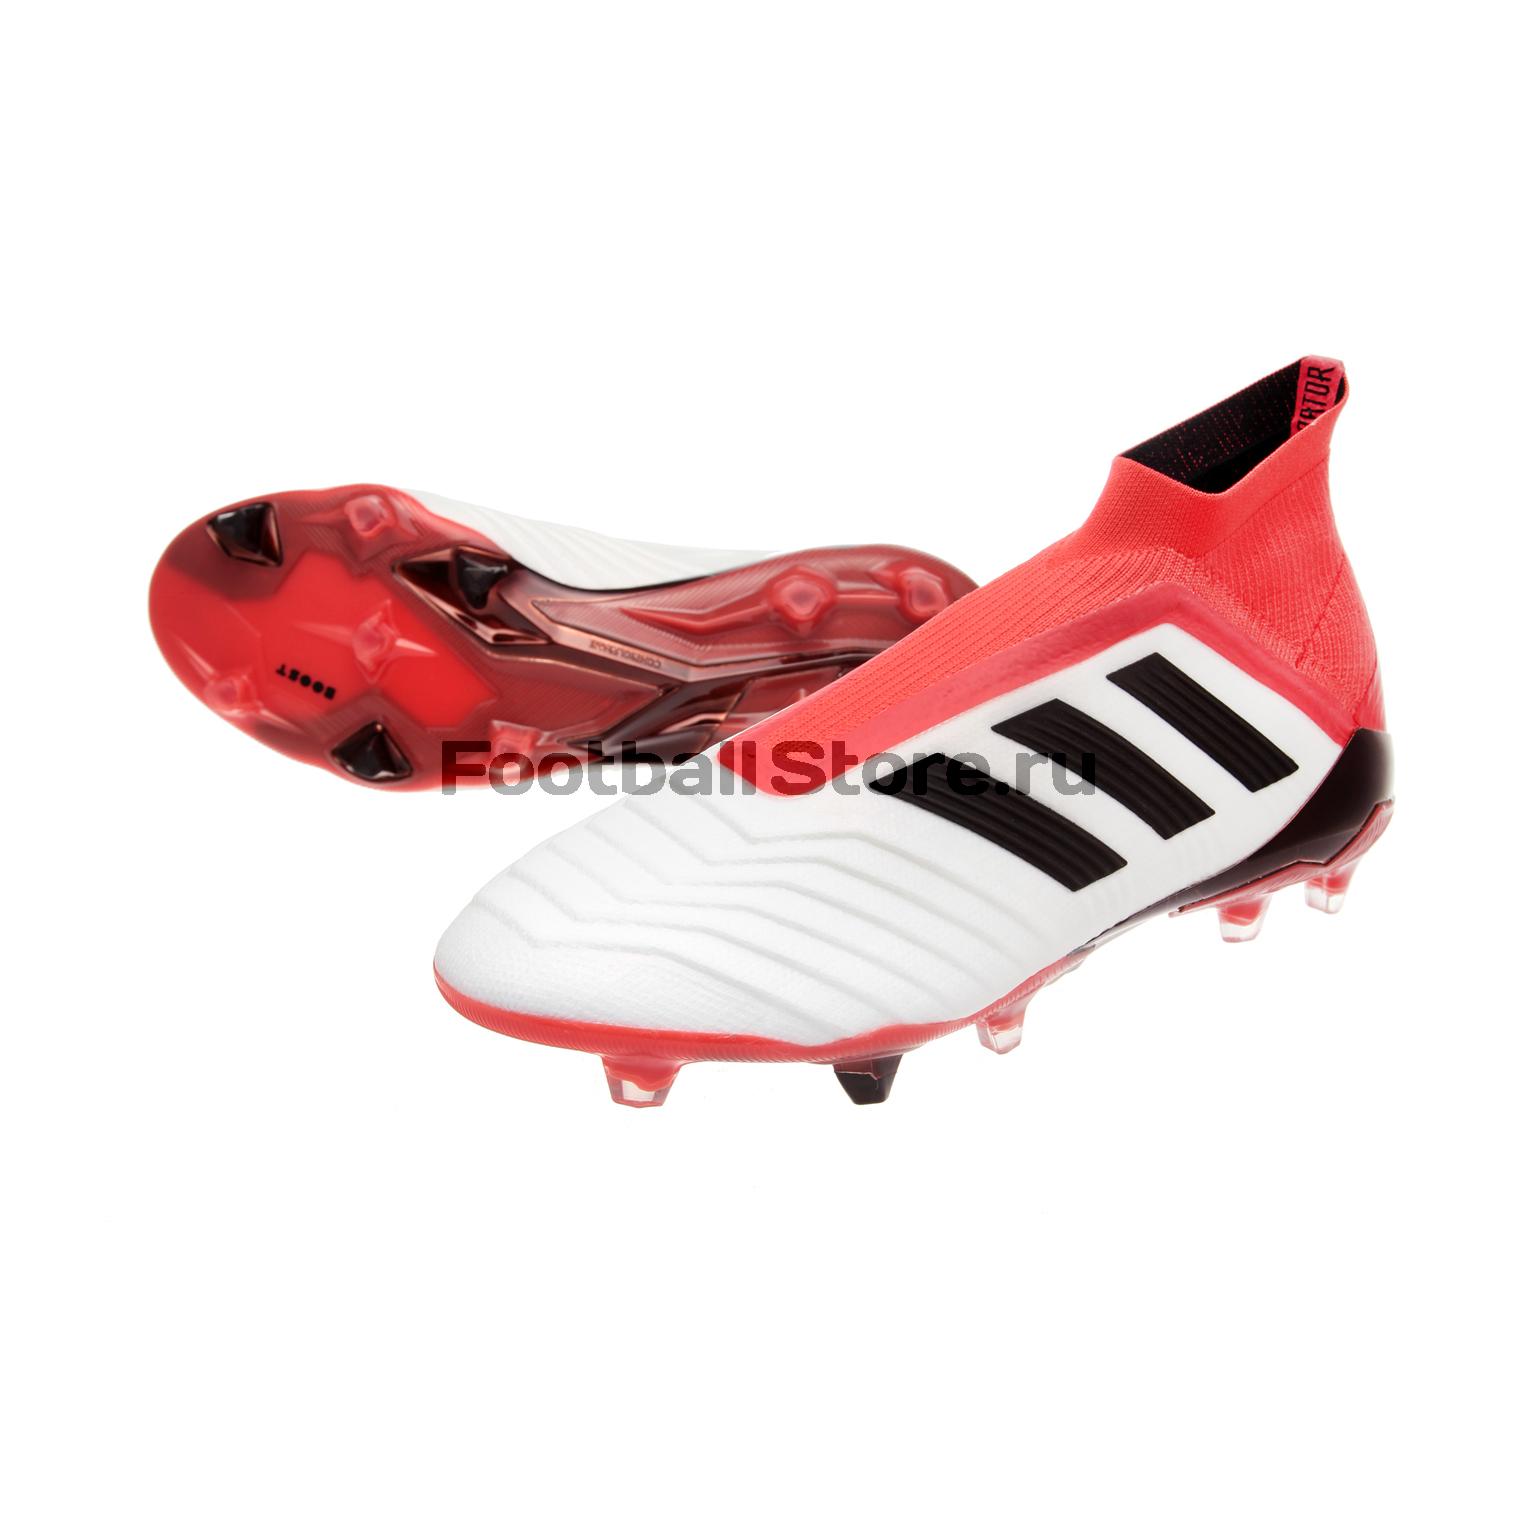 f4bc4cf6 Бутсы Adidas Predator 18+ FG CM7391 – купить бутсы в интернет ...